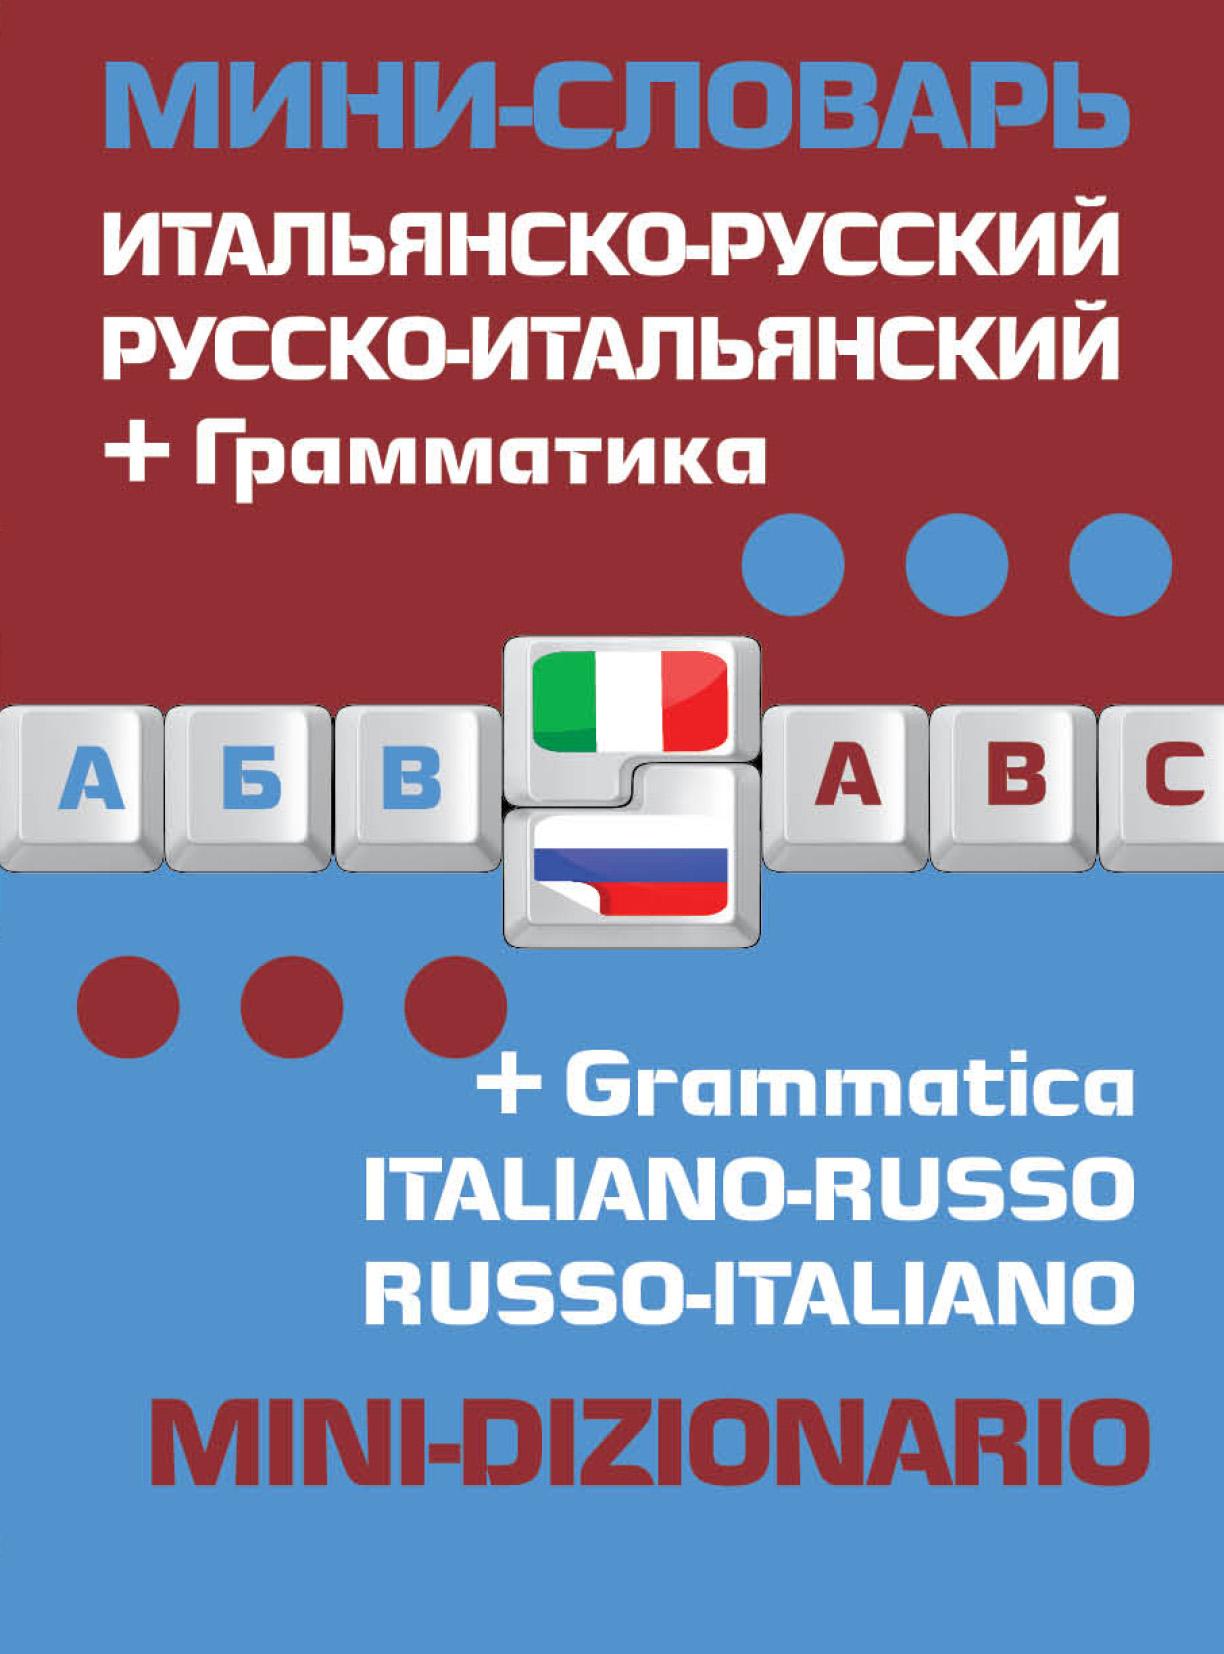 Отсутствует Итальянско-русский русско-итальянский мини-словарь + Грамматика зорько г ф итальянско русский словарь